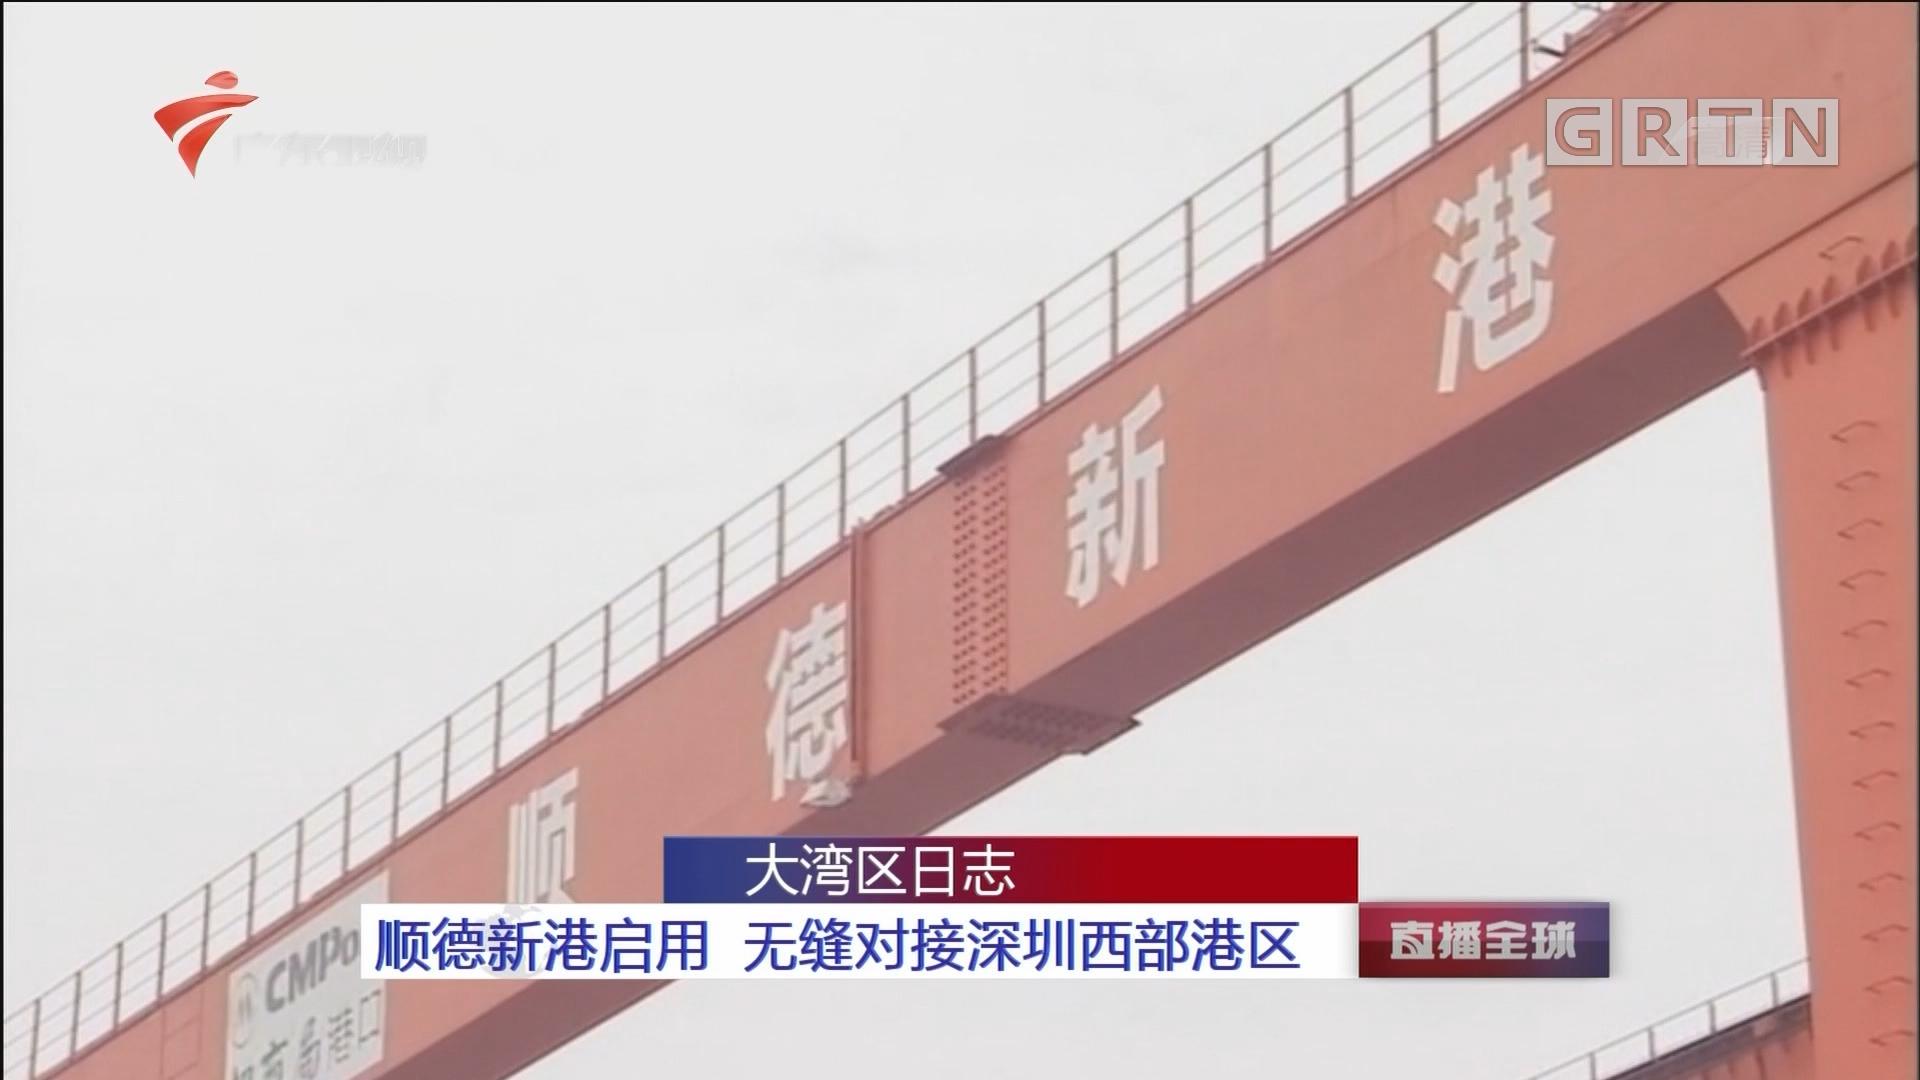 顺德新港启用 无缝对接深圳西部港区